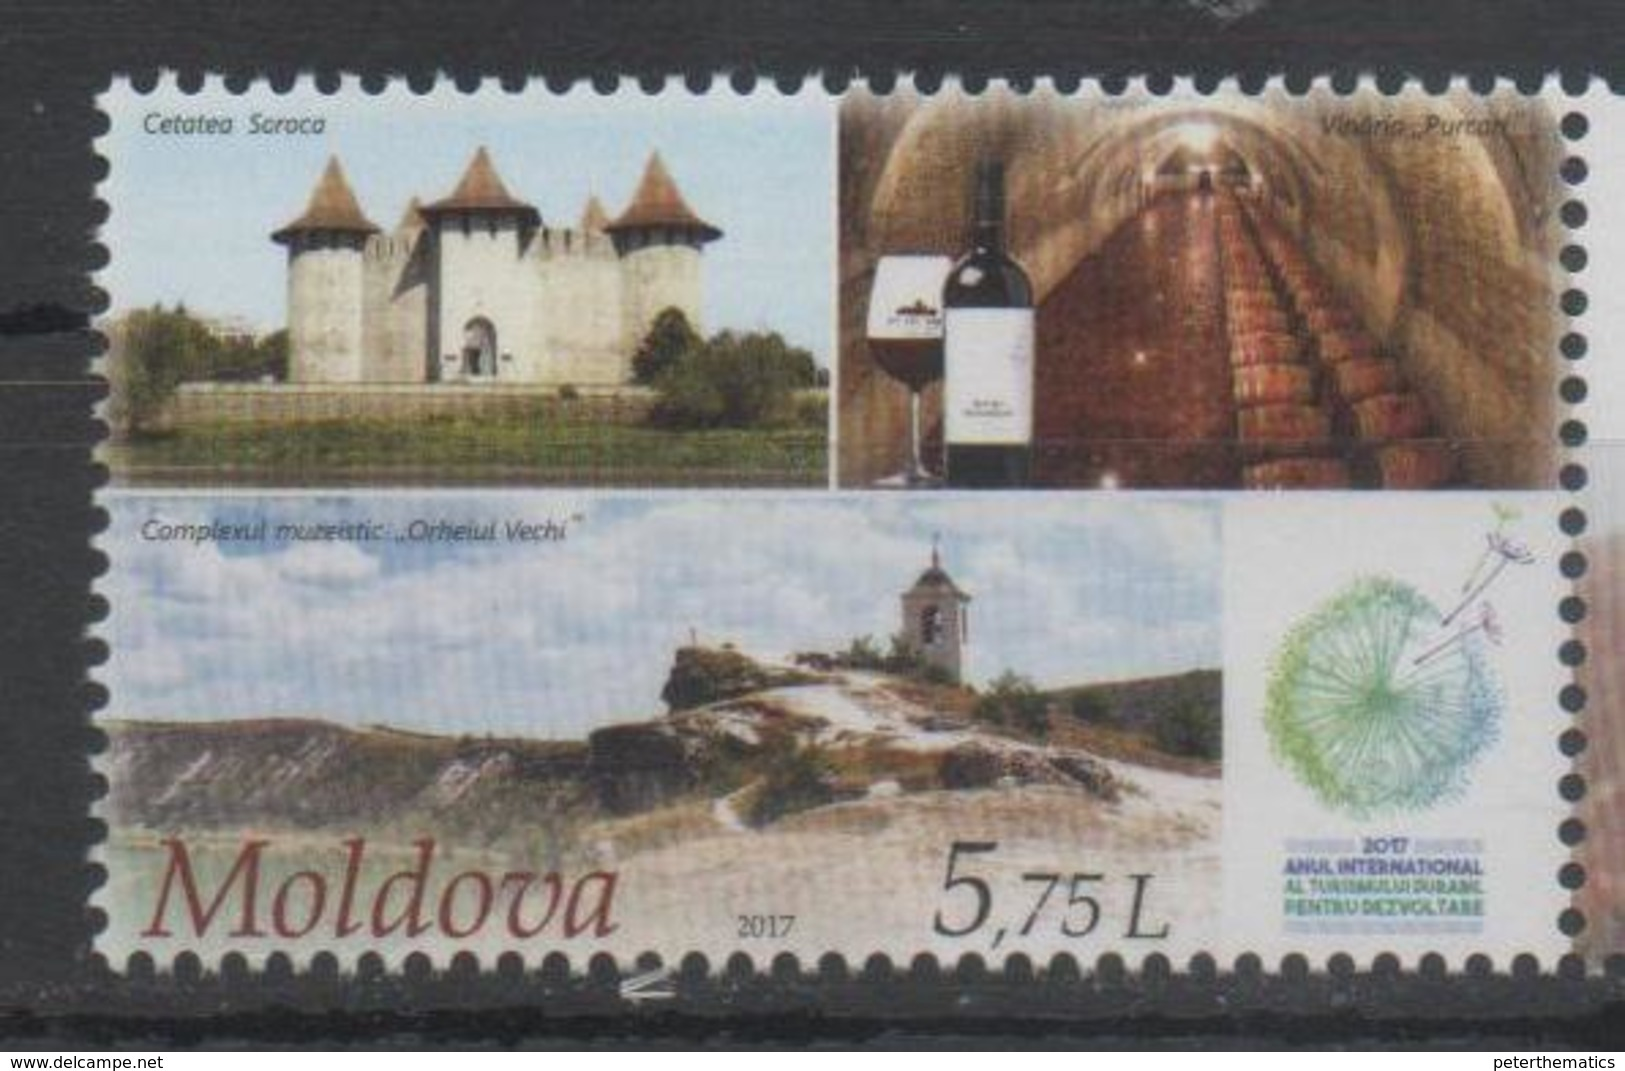 MOLDOVA, 2017, SUSTAINABLE TOURISM, CASTLES, WINES, 1v - Holidays & Tourism